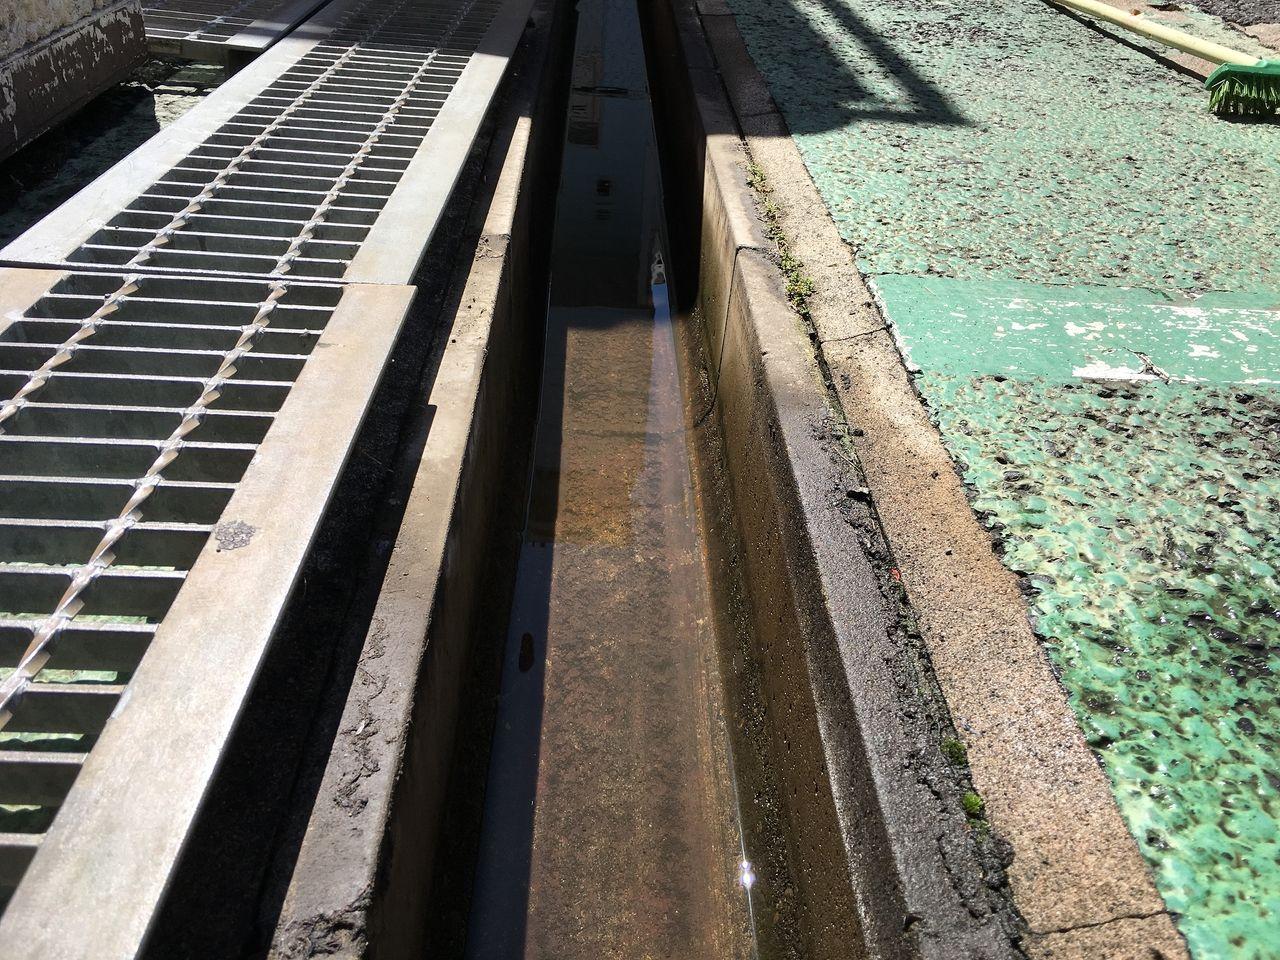 ア・ス・ヴェルデⅡにある清掃後の排水溝です!!